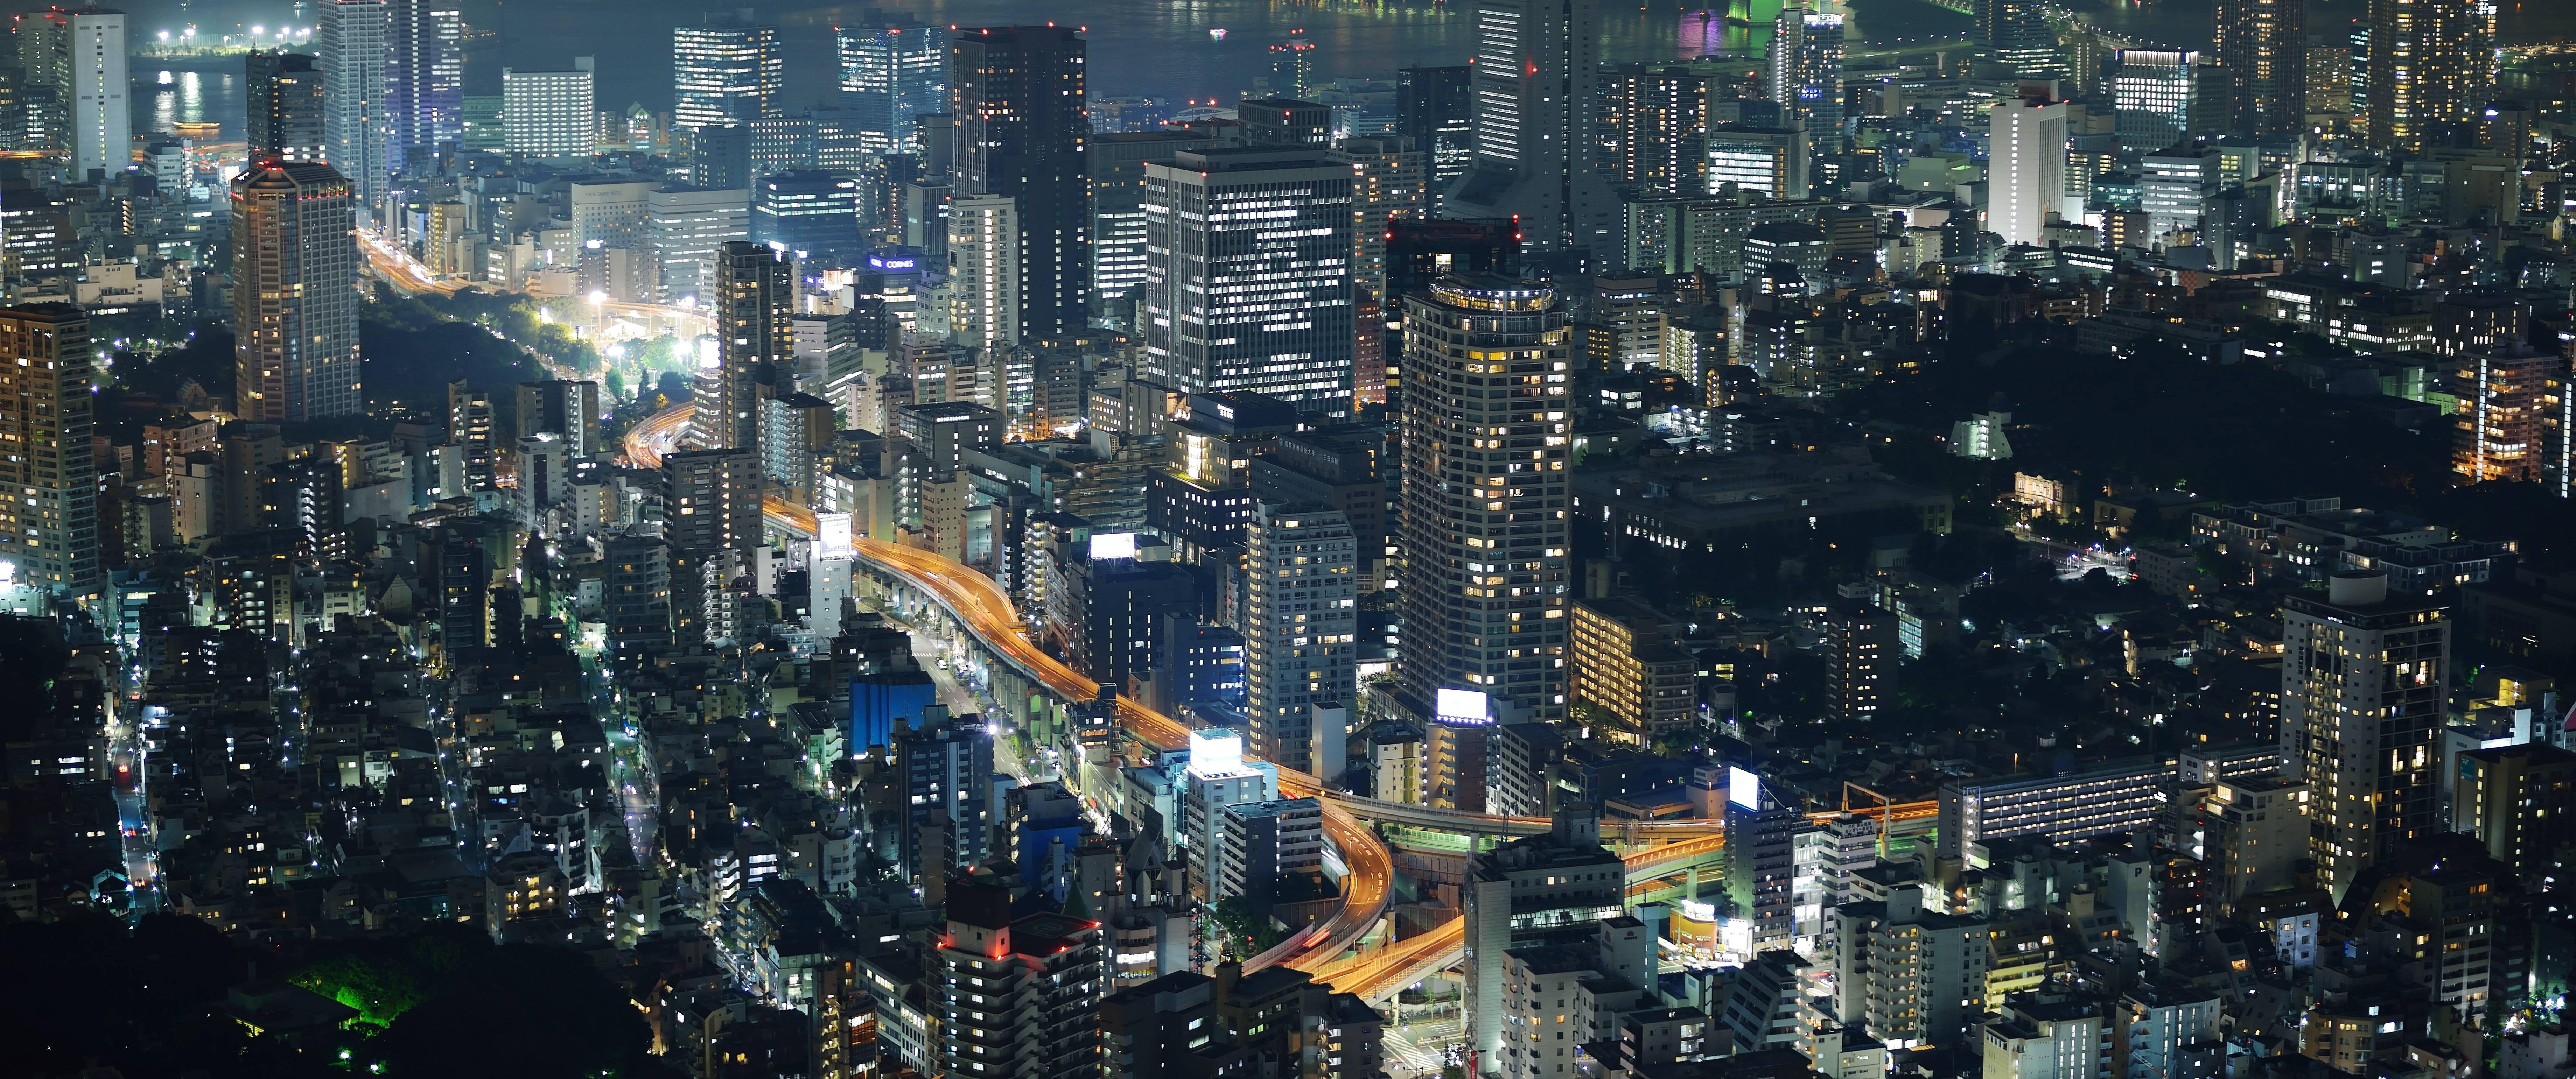 cyberpunk Google zoeken Cyberpunk Cities Pinterest